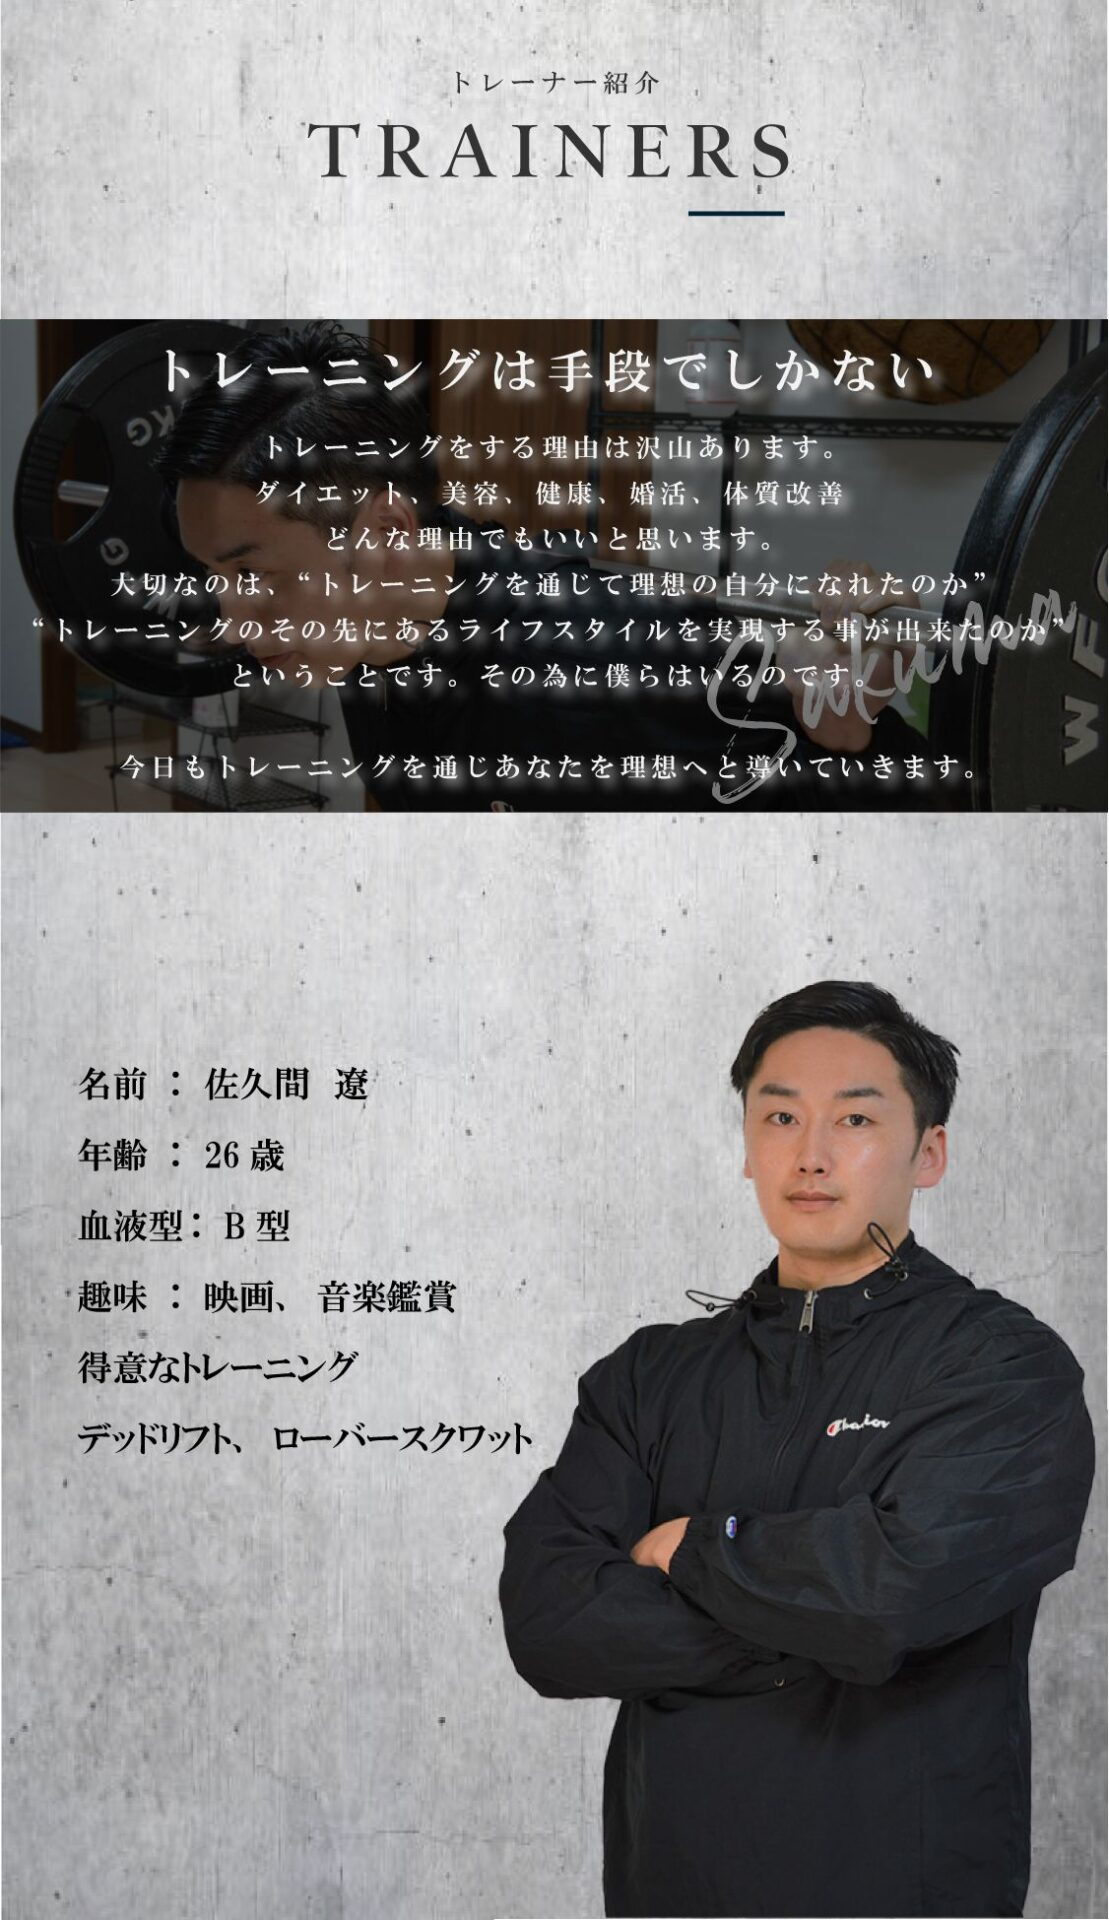 SBジム パーソナルトレーニング トレーナー 武蔵小杉